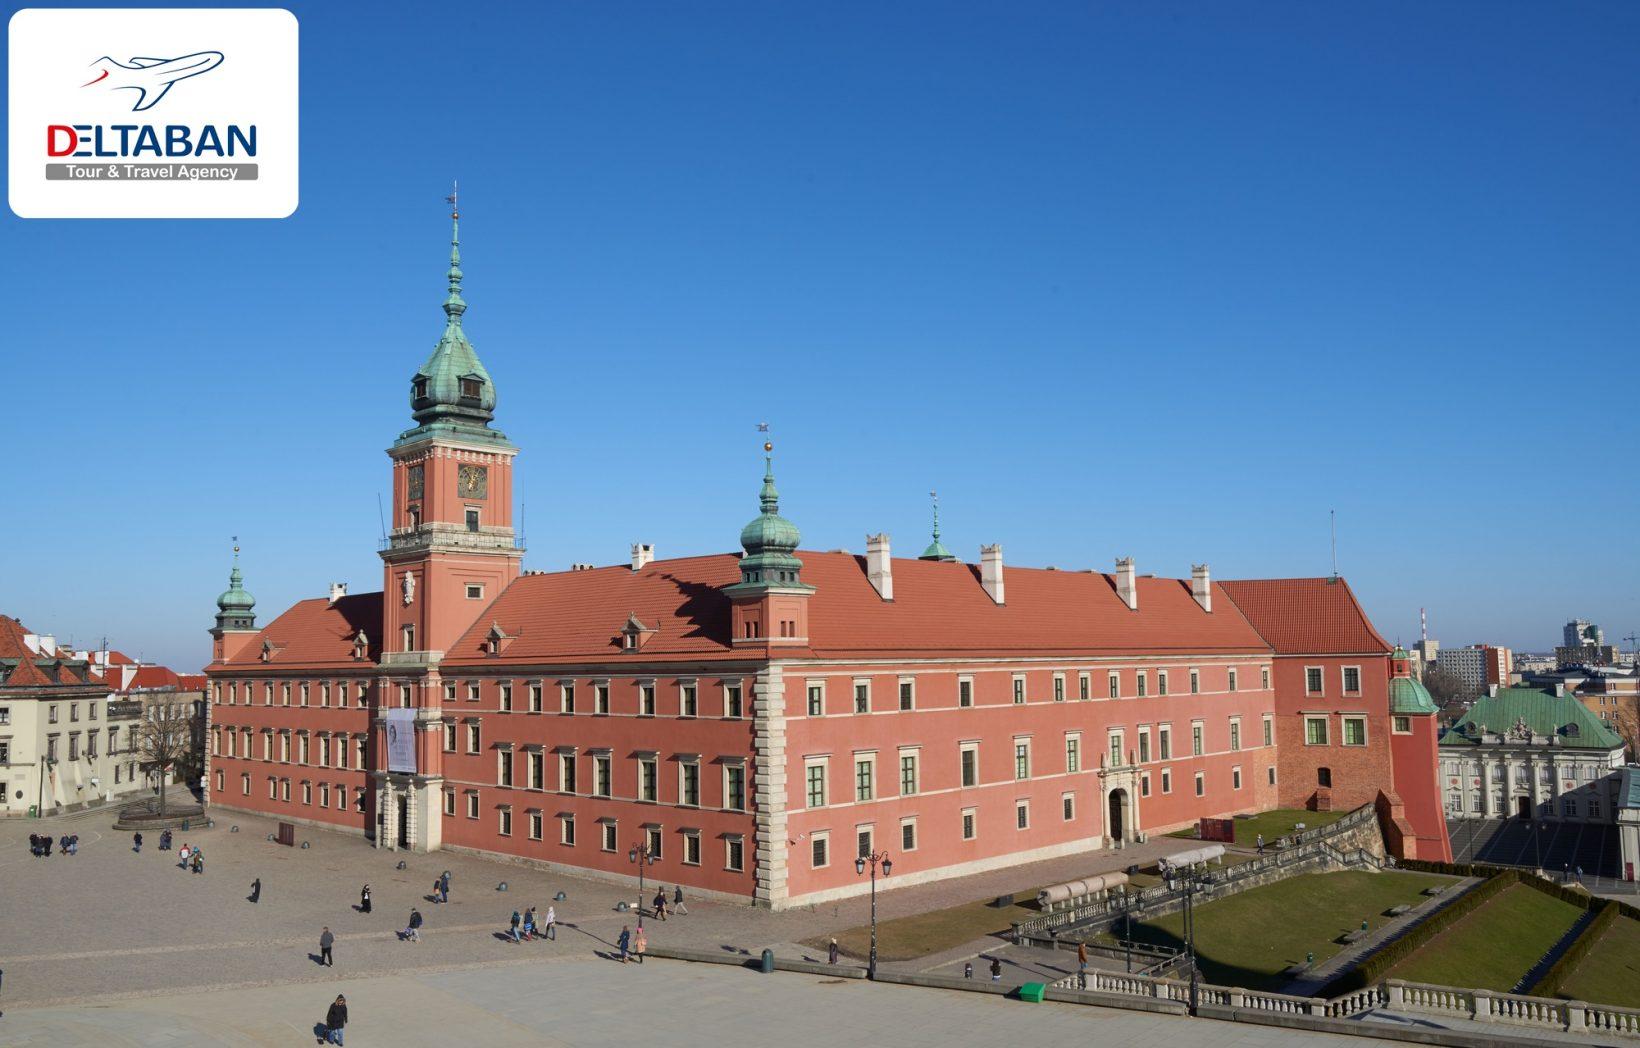 ورشو لهستان